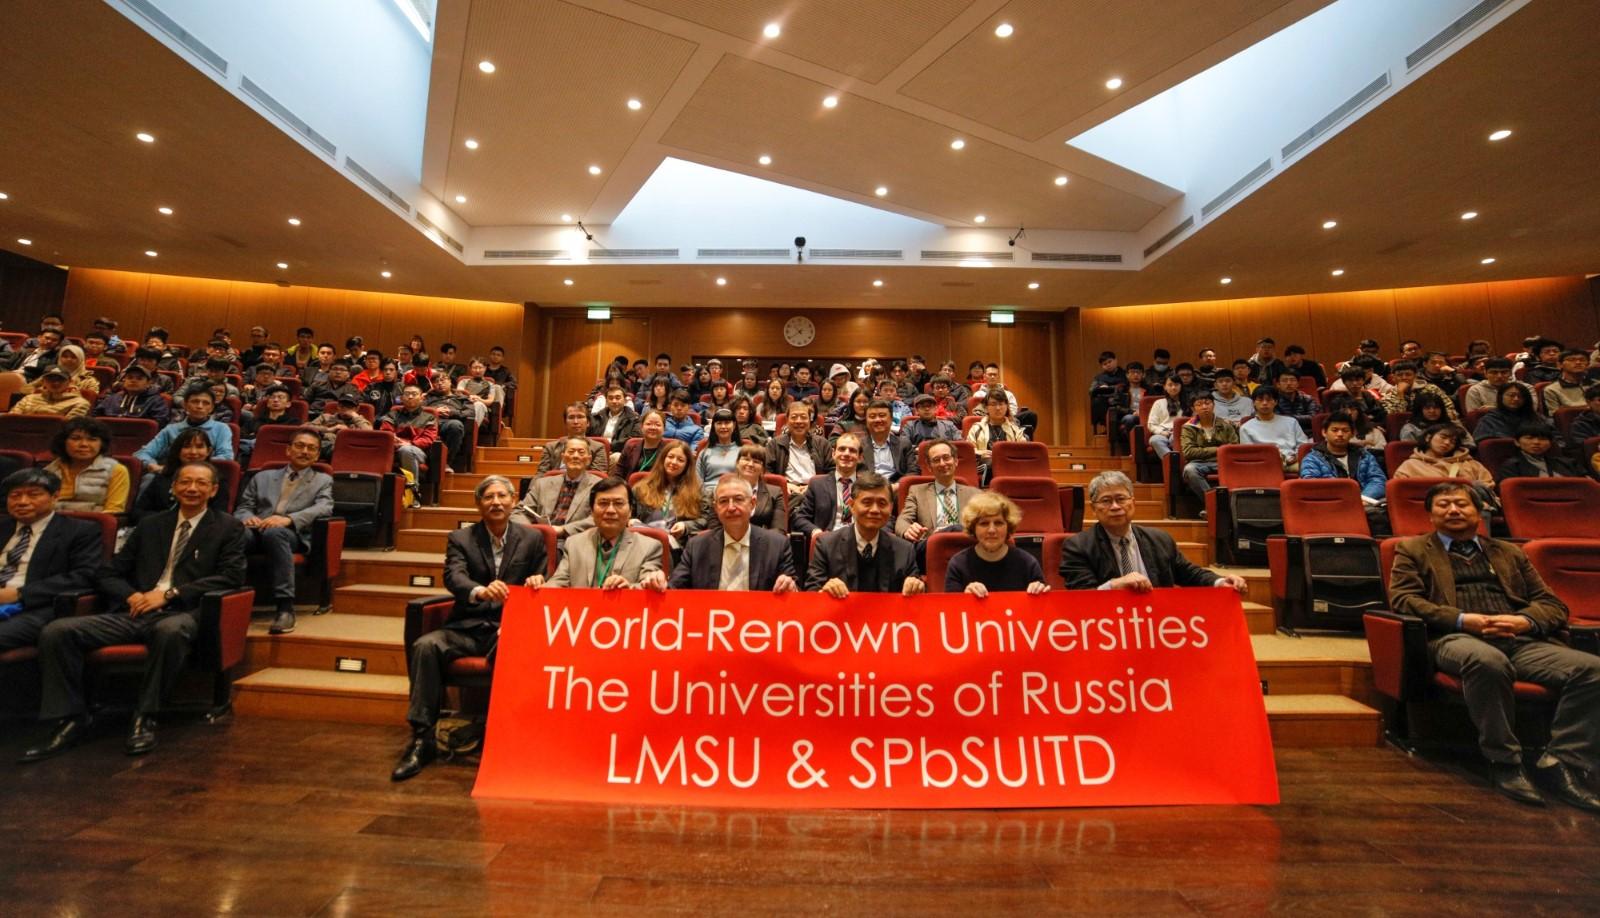 中原大學工學院及國際處邀請俄羅斯兩所知名大學到校舉辦論壇,開拓學子國際視野。.jpg